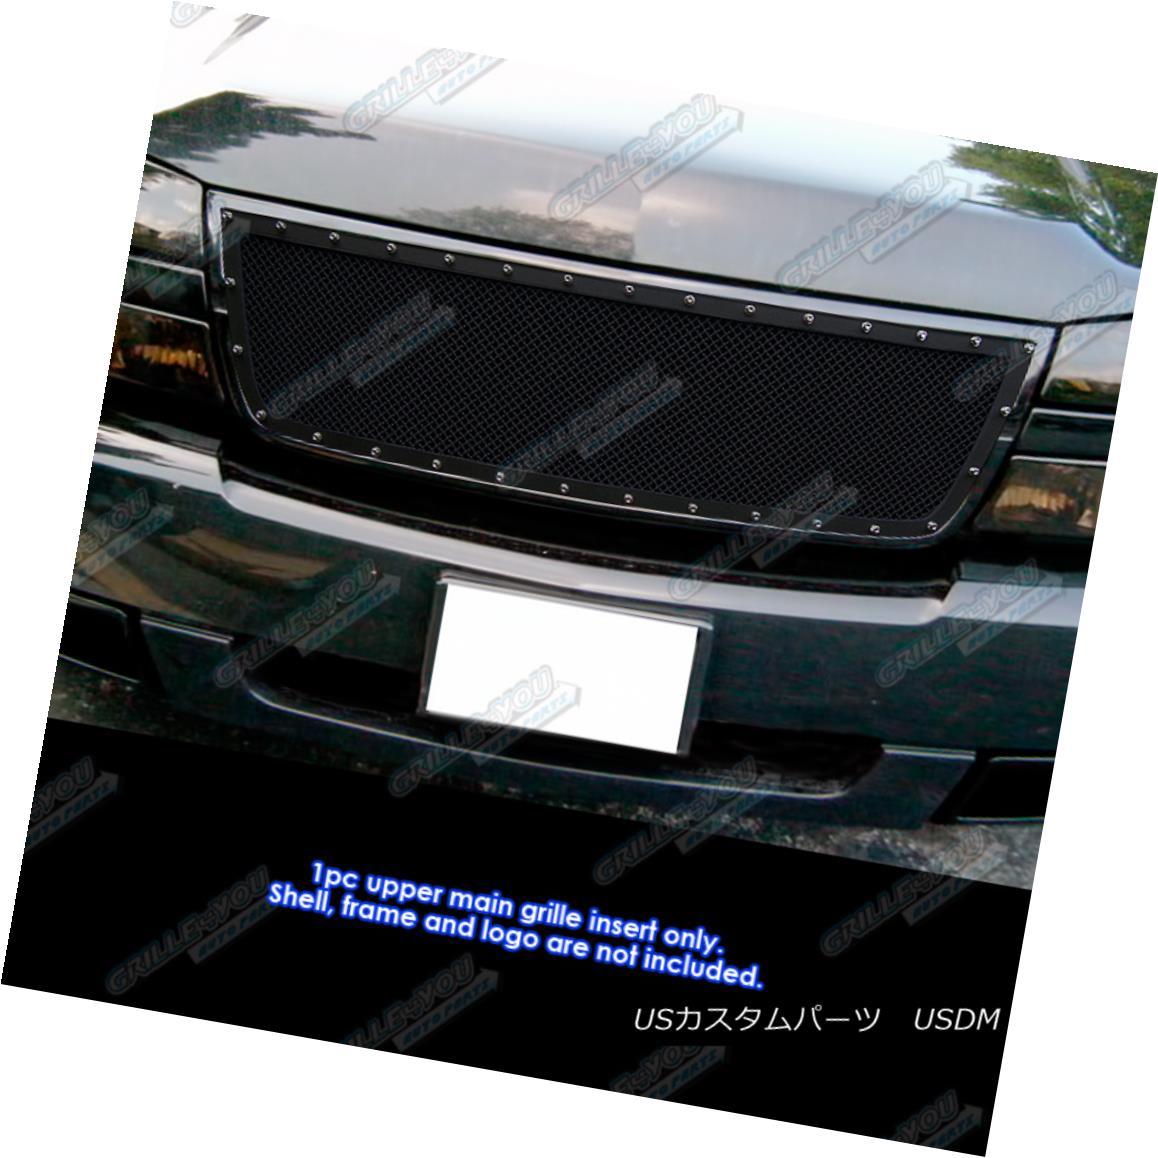 グリル Fits 2006 Chevy Silverado 1500/2005-2006 2500/3500 Rivet Studs Black Mesh Grille フィット2006年Chevy Silverado 1500 / 2005-2006 2500/3500リベットスタッドブラックメッシュグリル